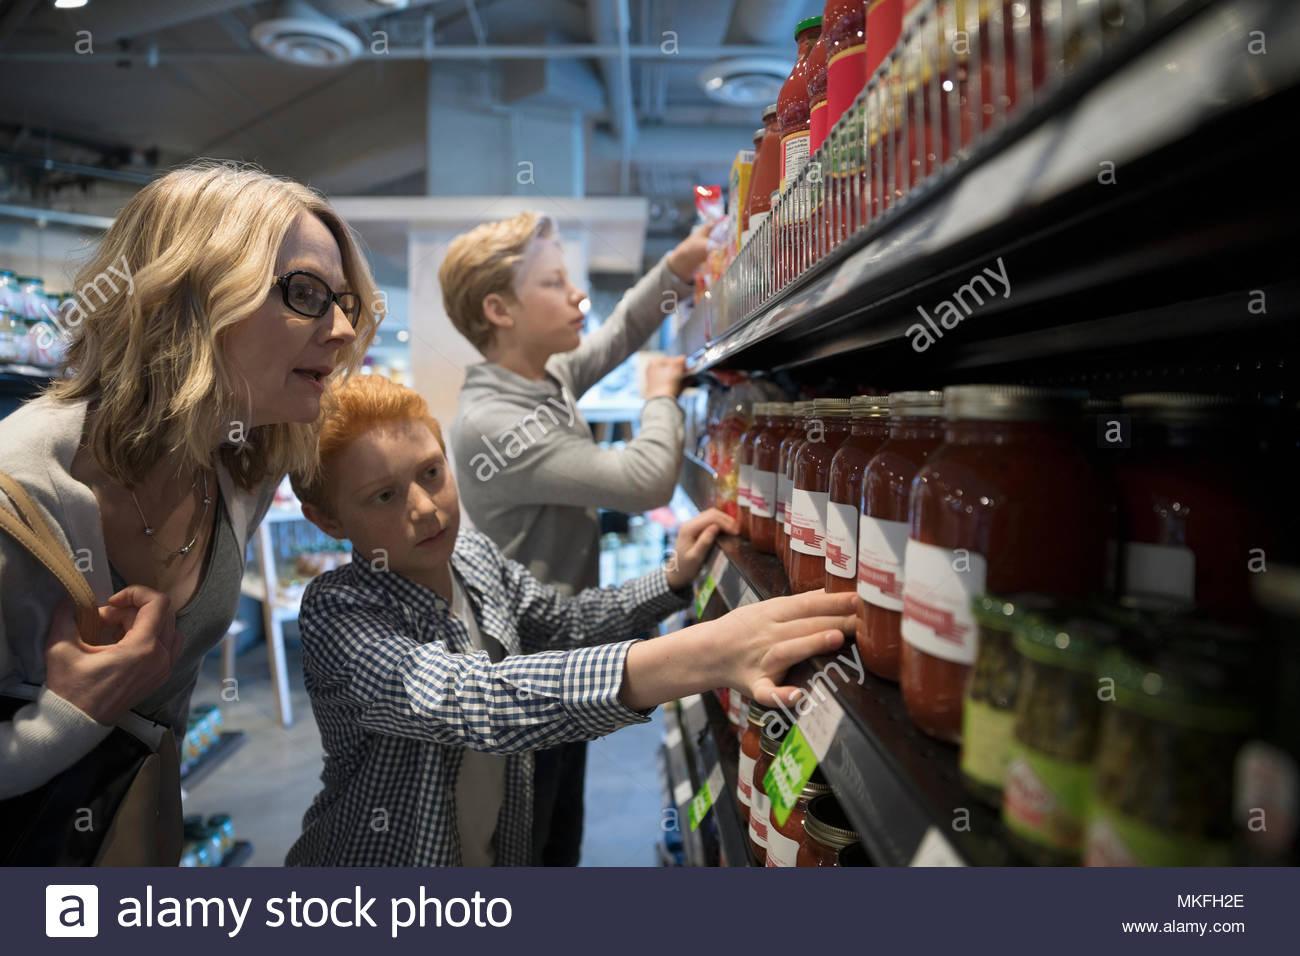 Madre e hijo, compras de supermercado, sacando spaghetti sauce en el mercado Imagen De Stock